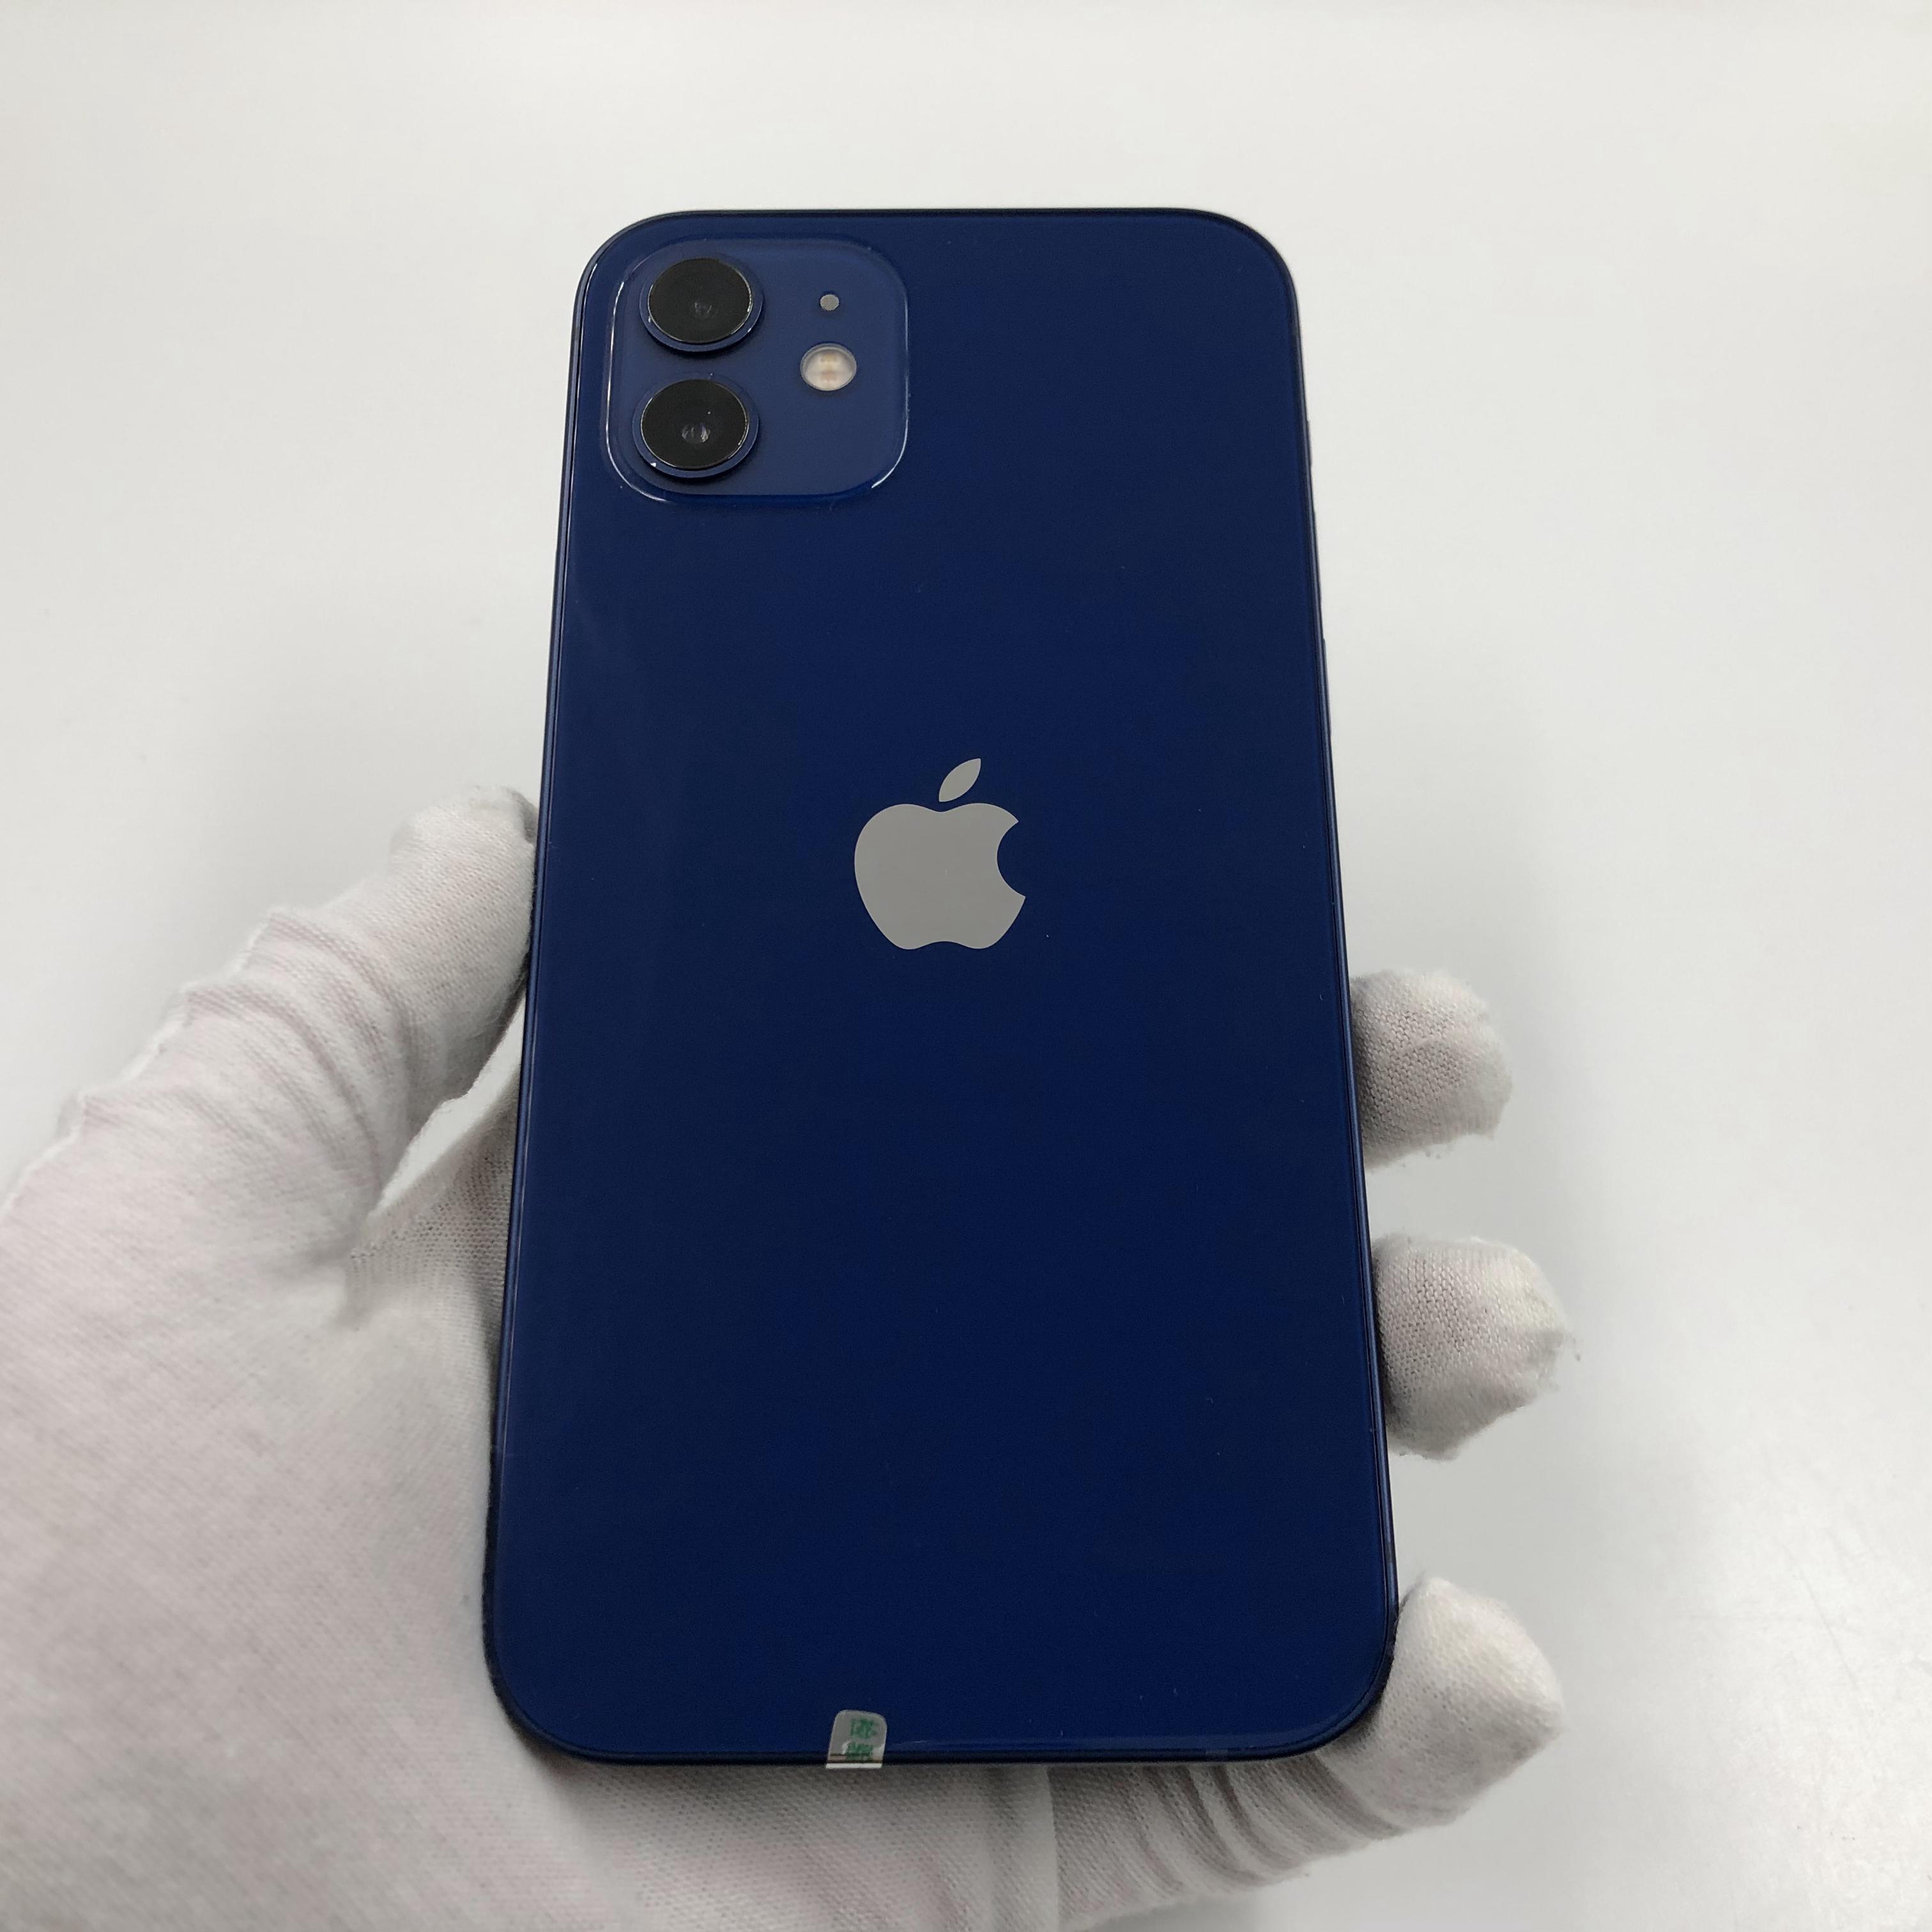 苹果【iPhone 12】5G全网通 蓝色 128G 国行 95新 真机实拍官保2022-01-21